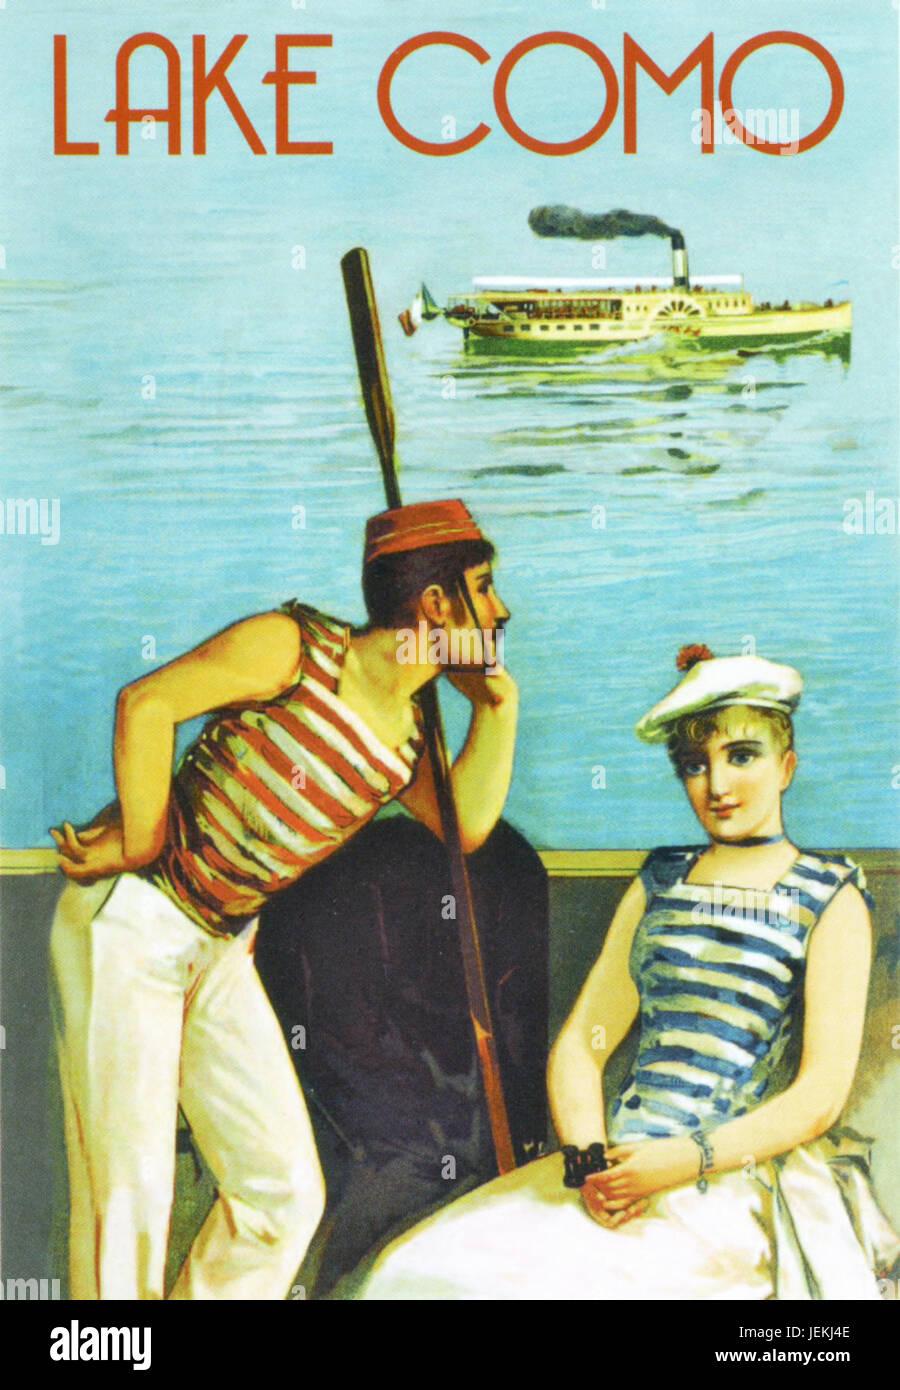 Comer See, Italien. Werbe-Plakat um 1910 mit einem Dampfschiff ferry im Hintergrund und ein Seemann vielleicht reflektieren, Stockbild